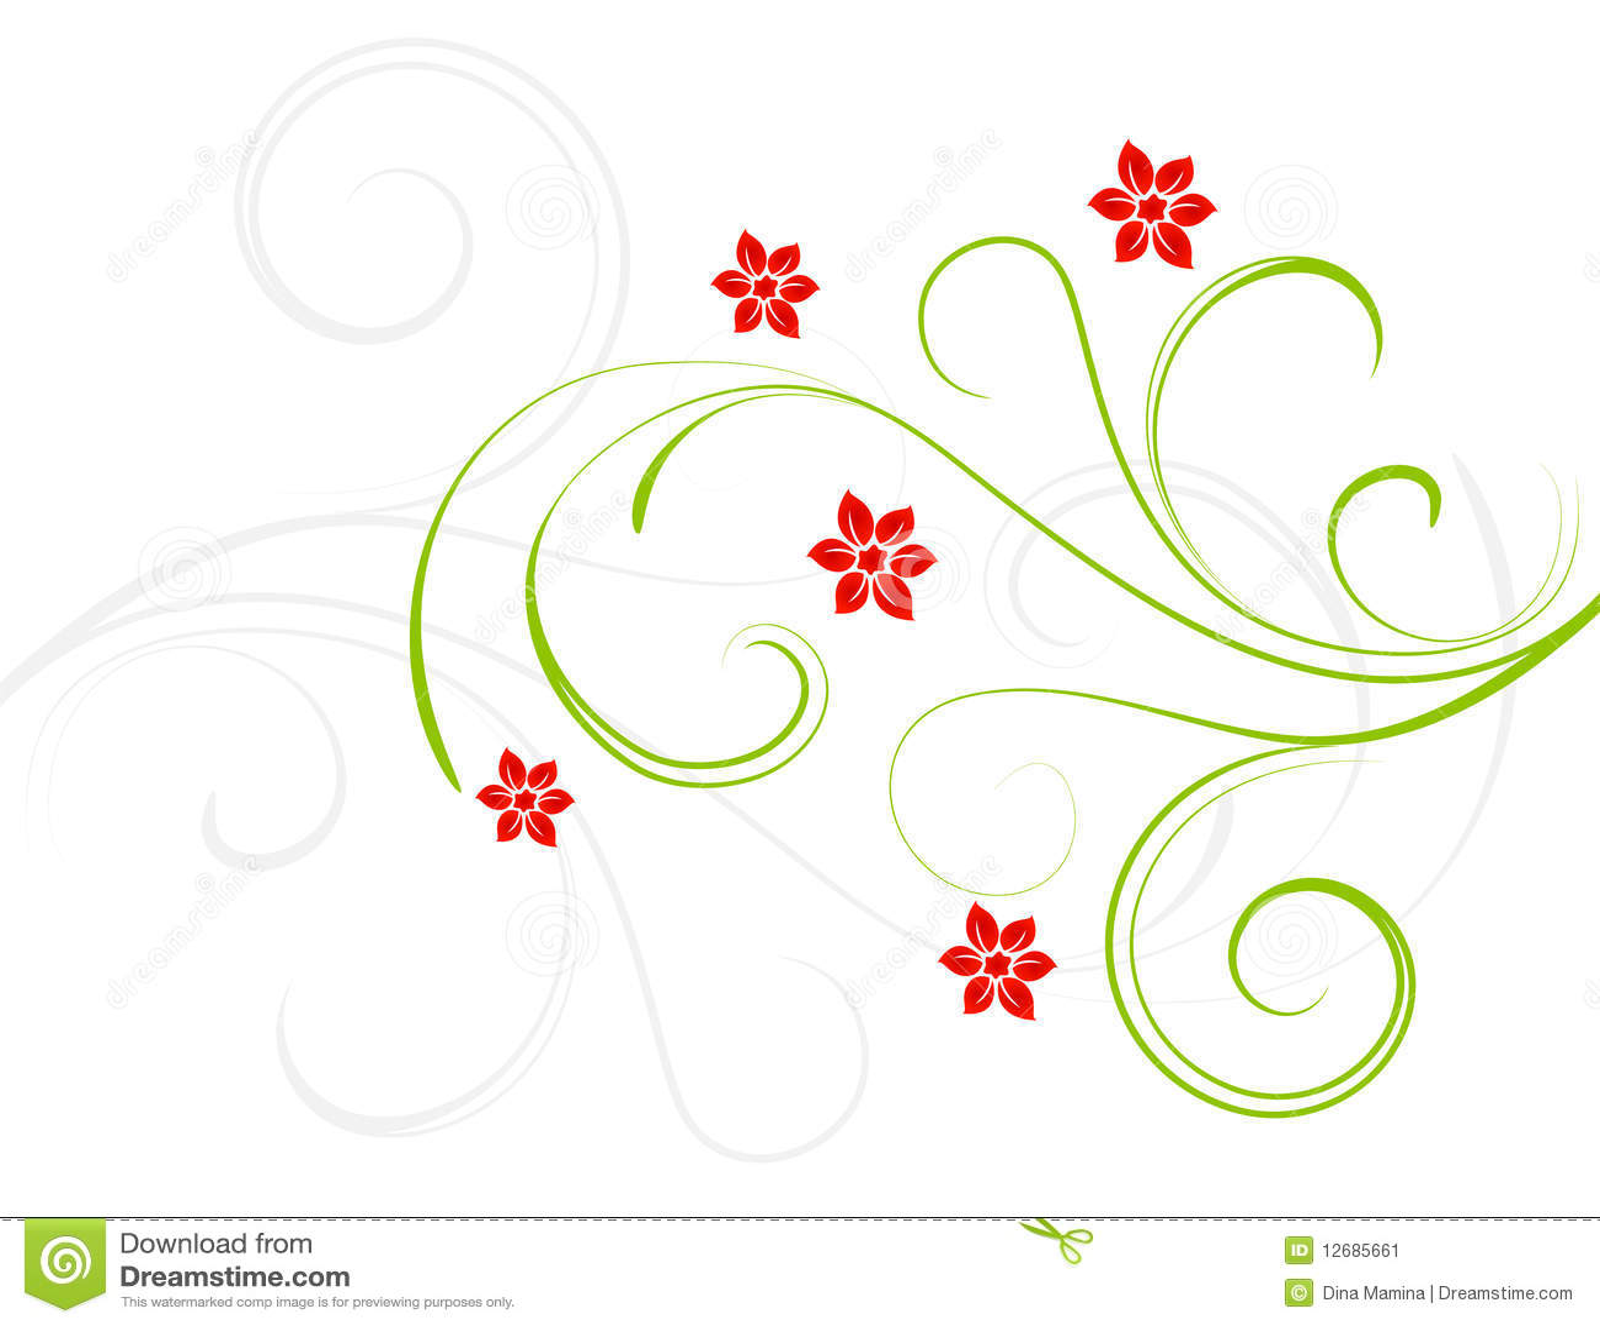 Eleganzrotblumen